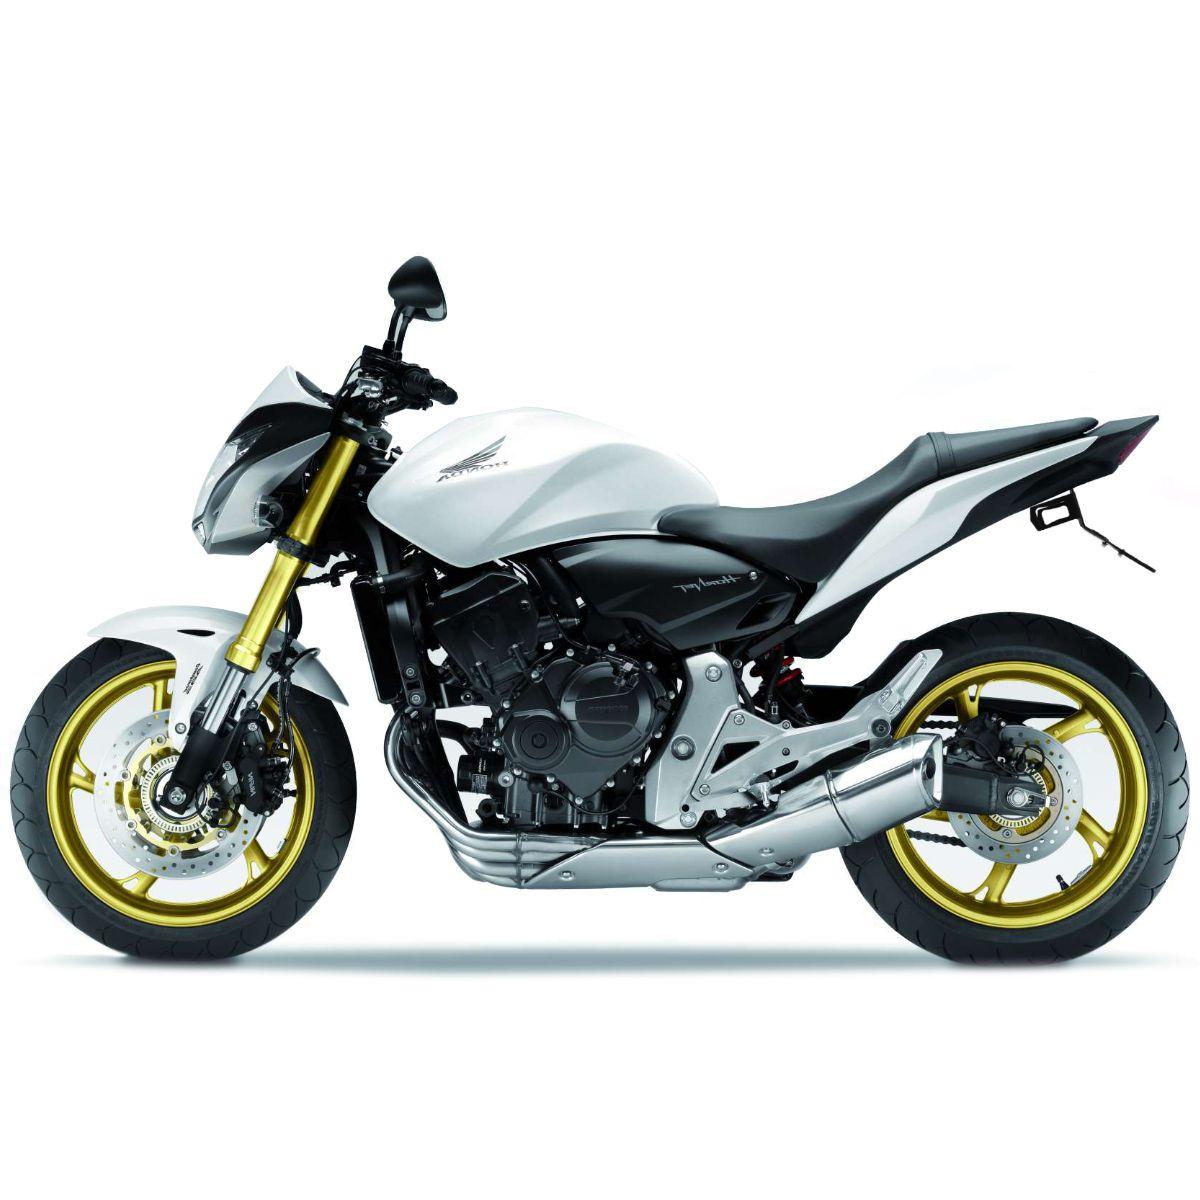 Suporte Eliminador De Rabeta Fixo Honda CB600 F Hornet 2012 2013 2014